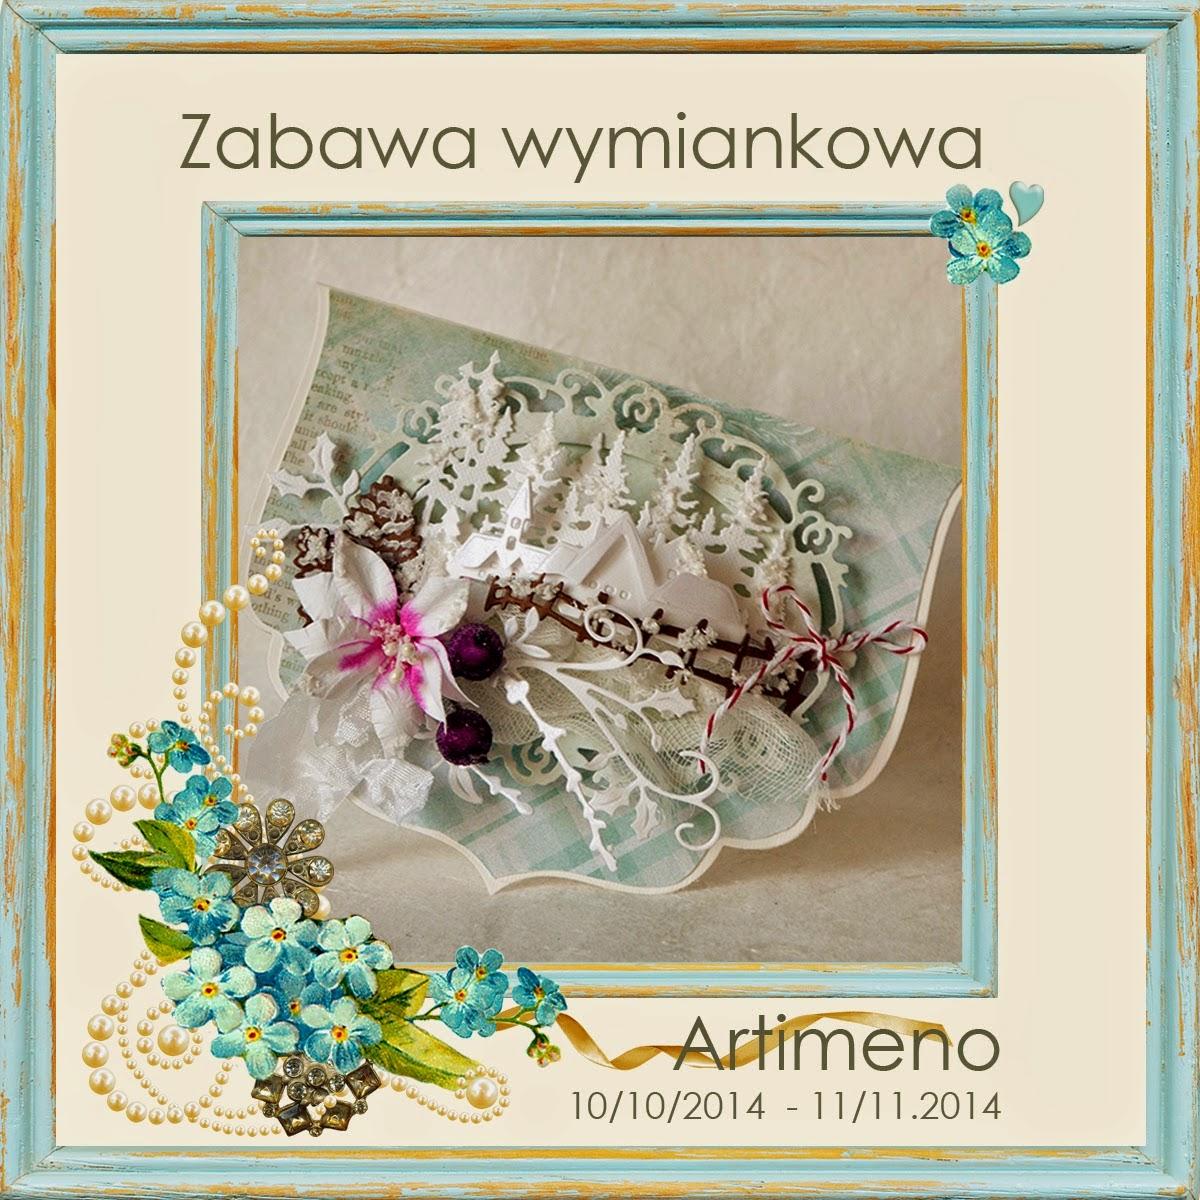 http://artimeno.blogspot.com/2014/10/zabawa-wymiankowa-kartki-swiateczne.html